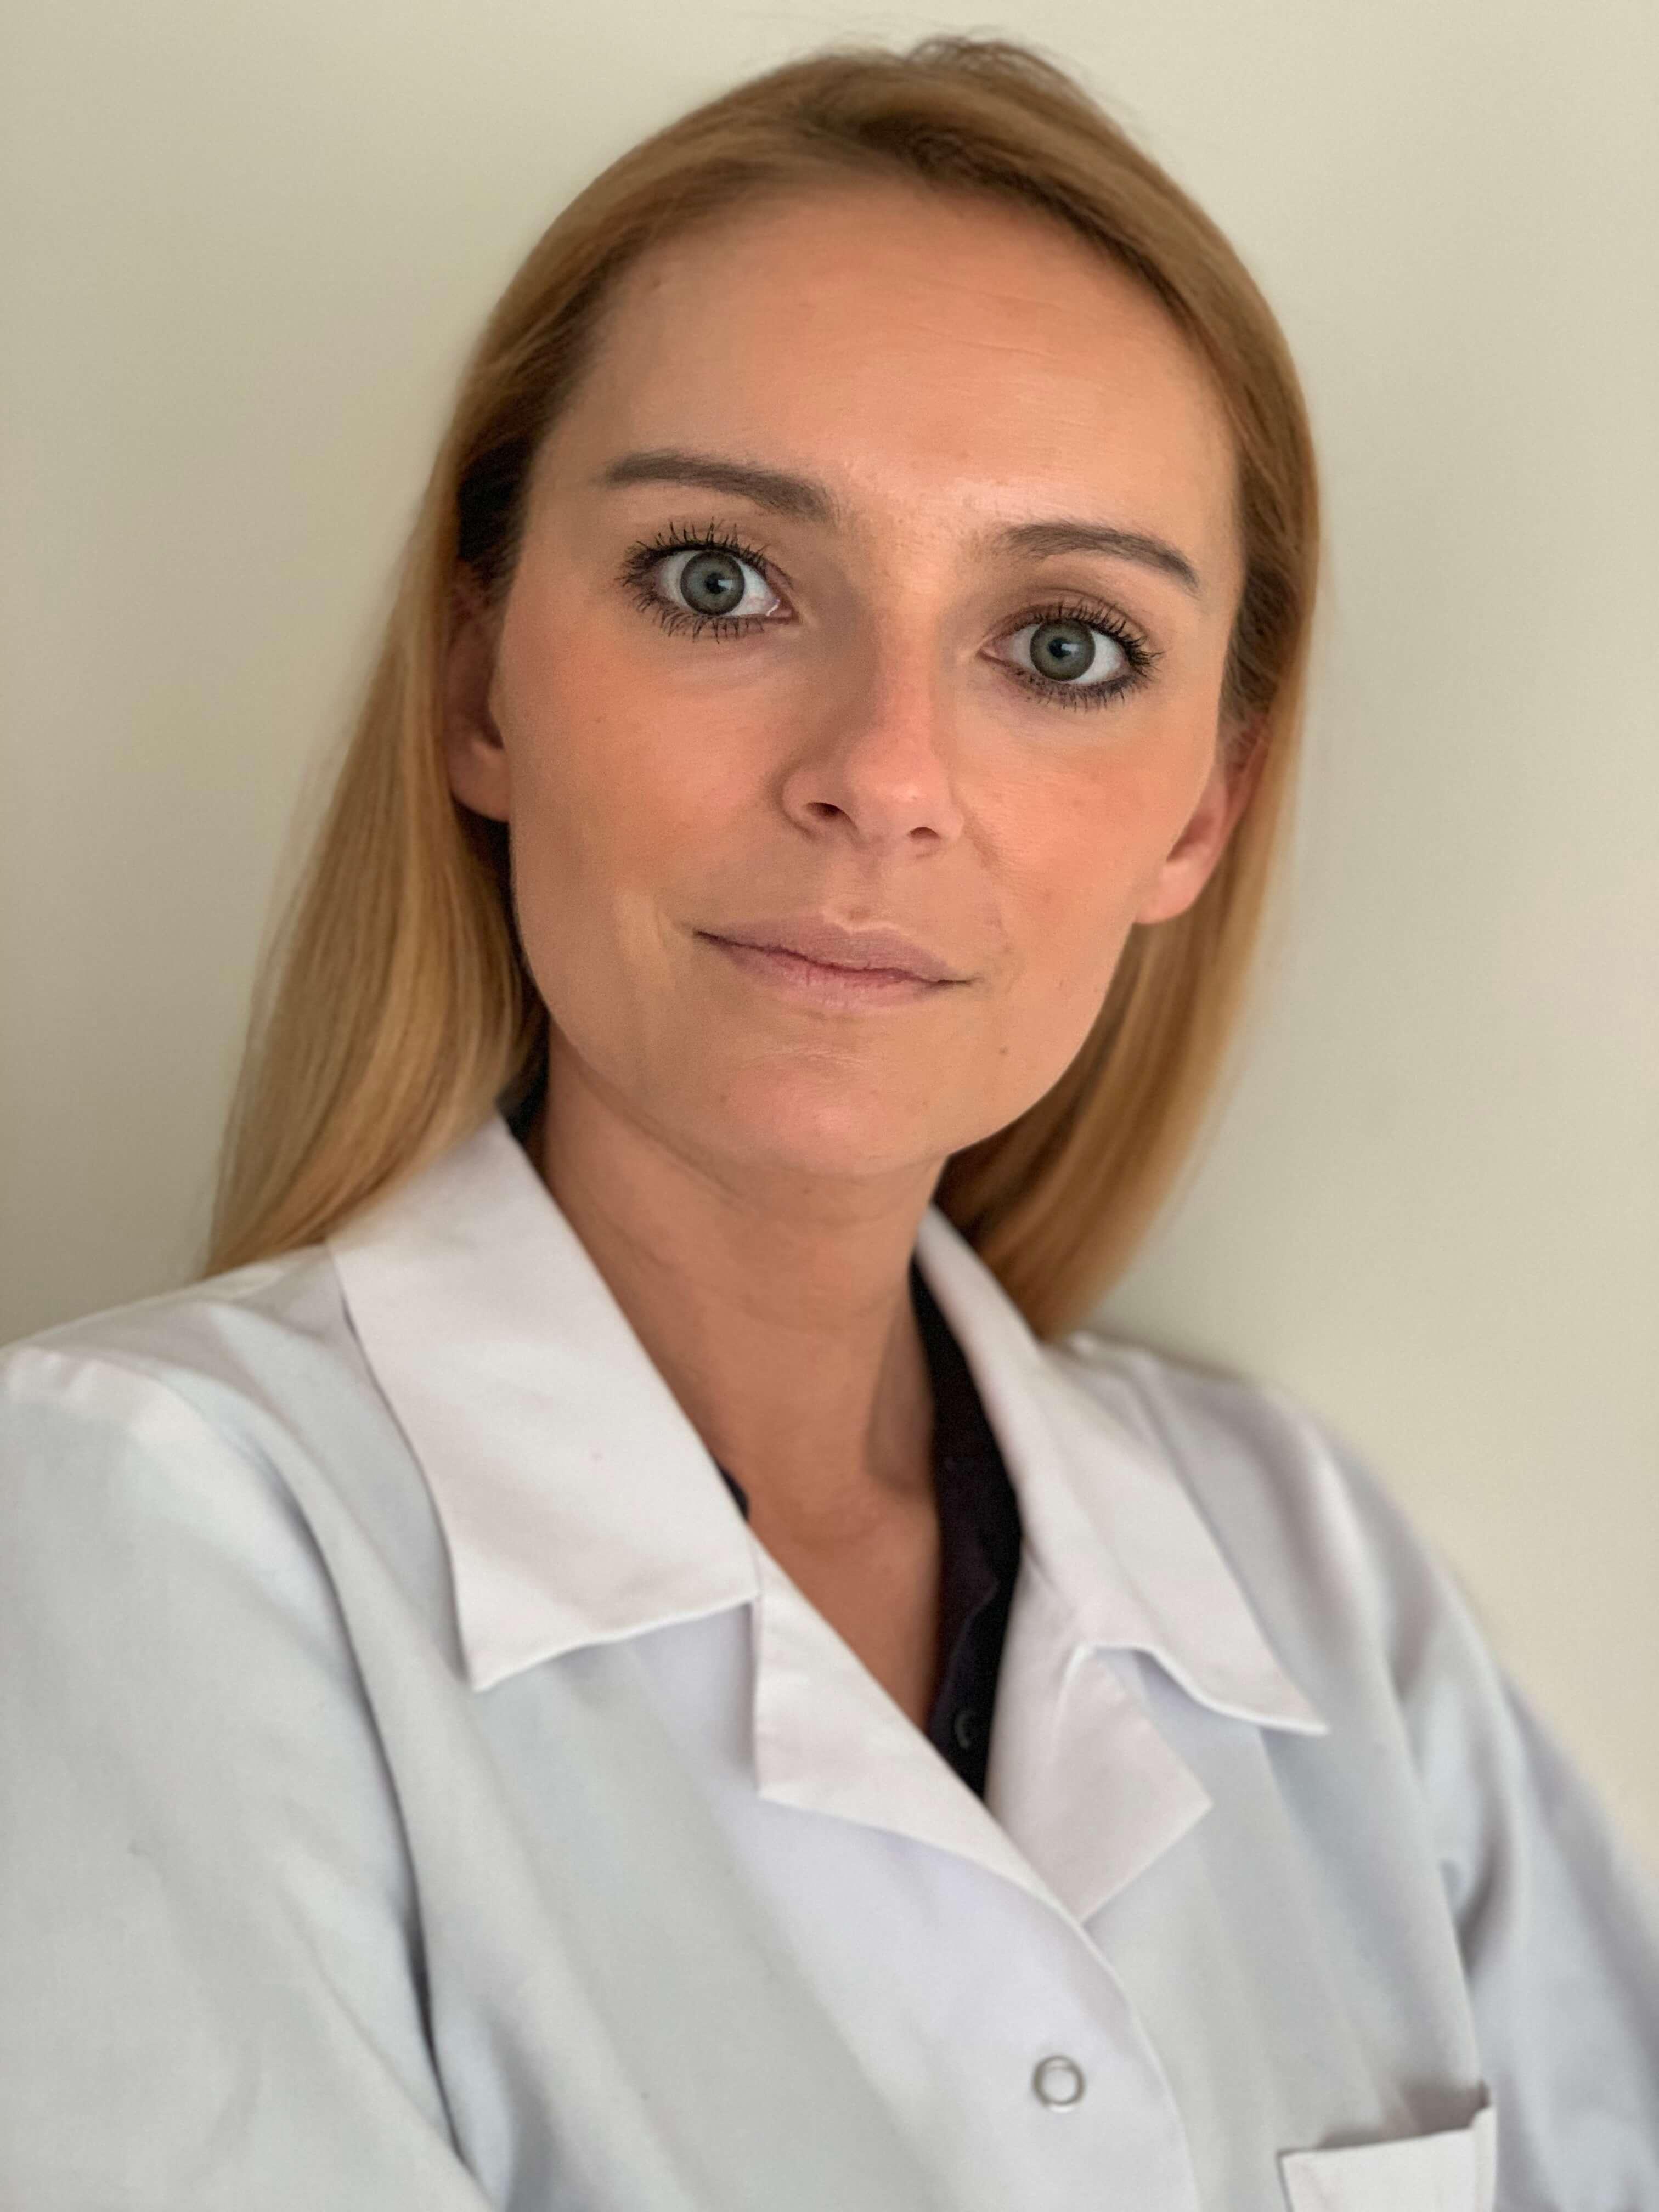 Agnieszka Morisson-Gajos